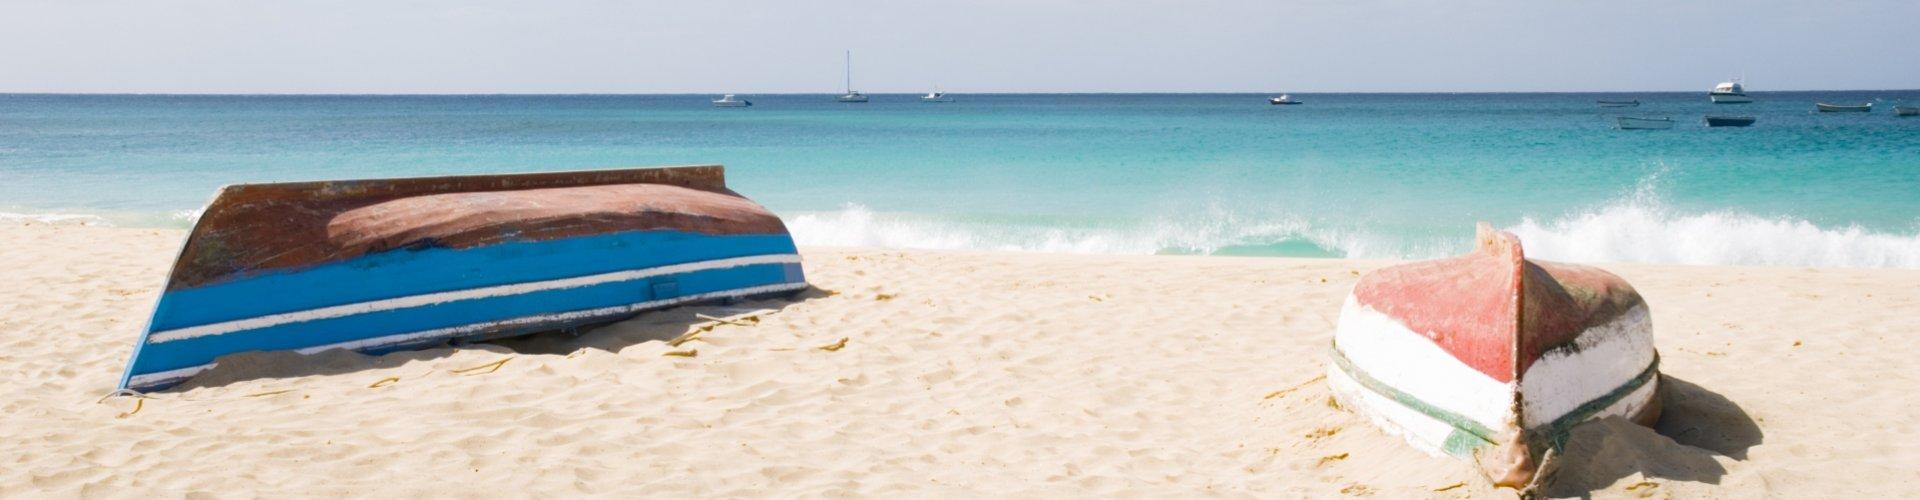 Familienurlaub auf den Kapverdischen Inseln